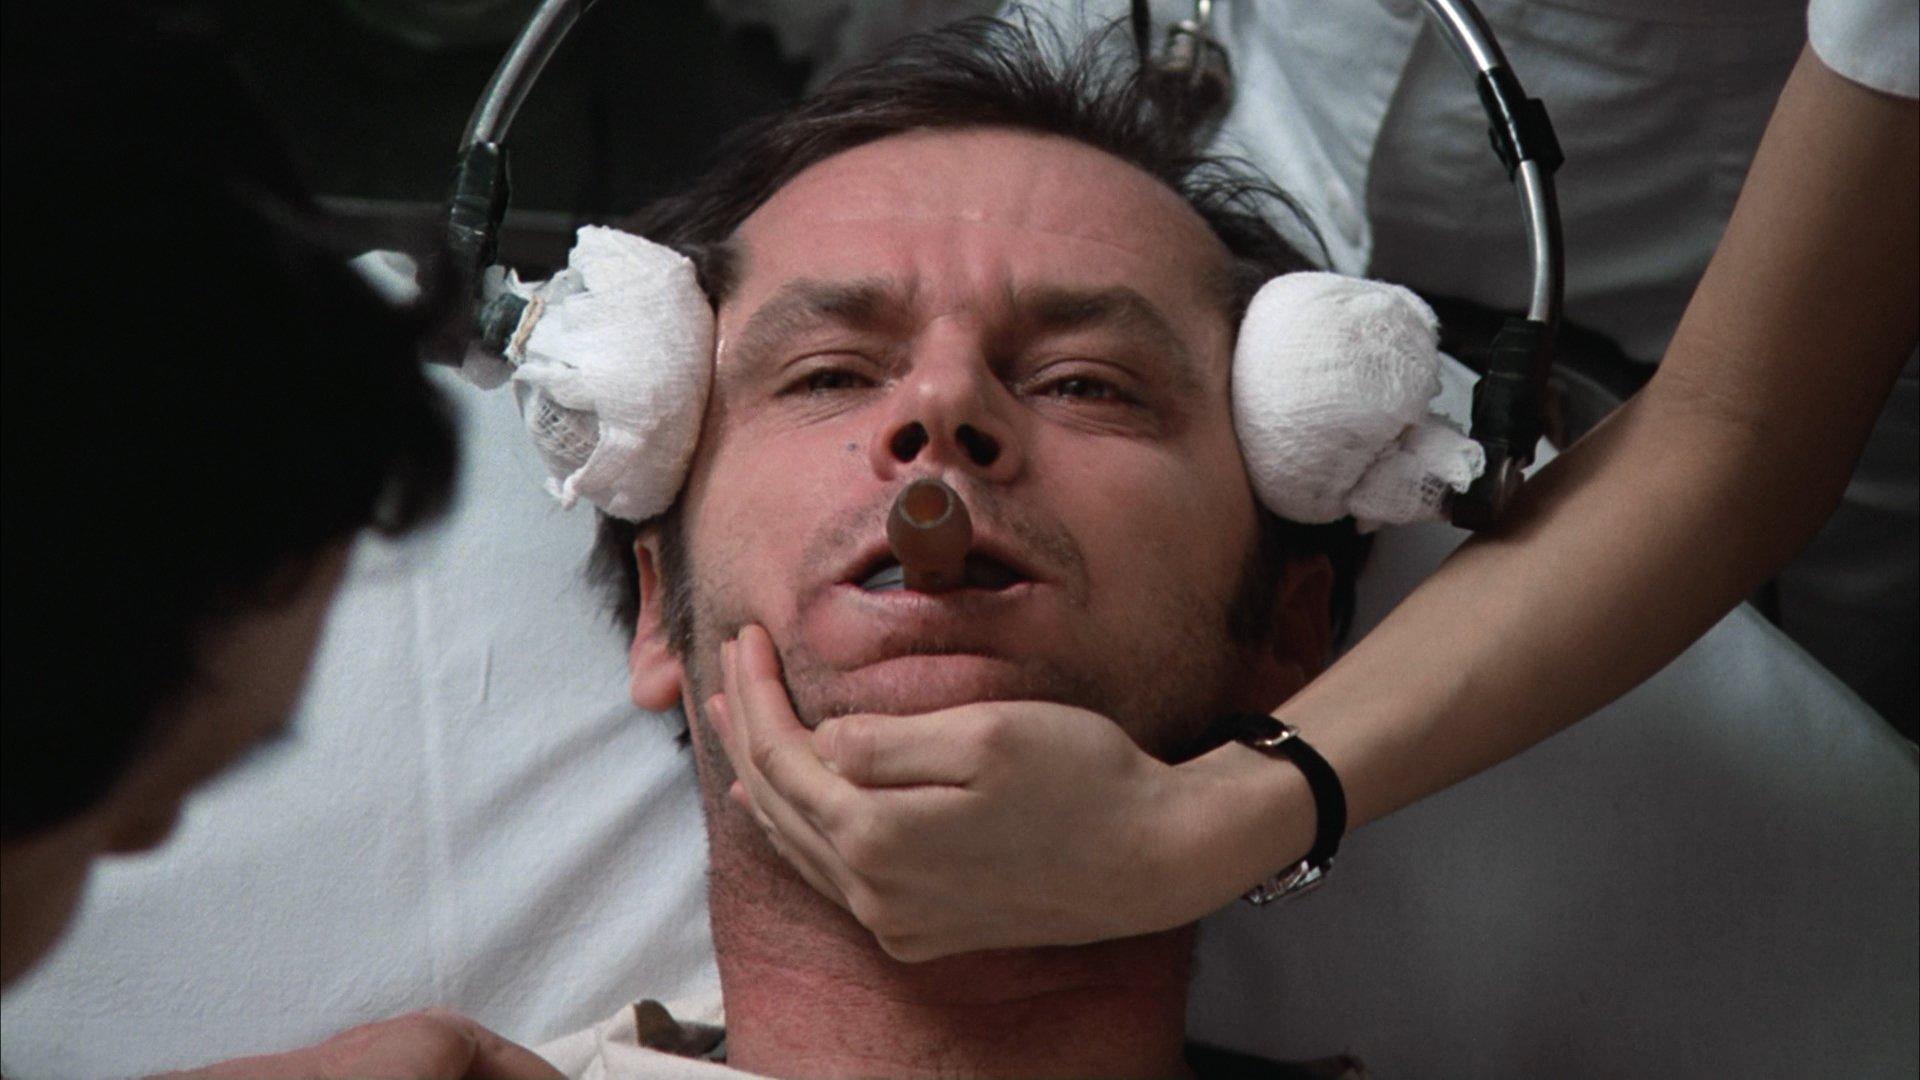 Шоковая терапия доктора балстера с русским переводом 1999 щтдшту 30 фотография